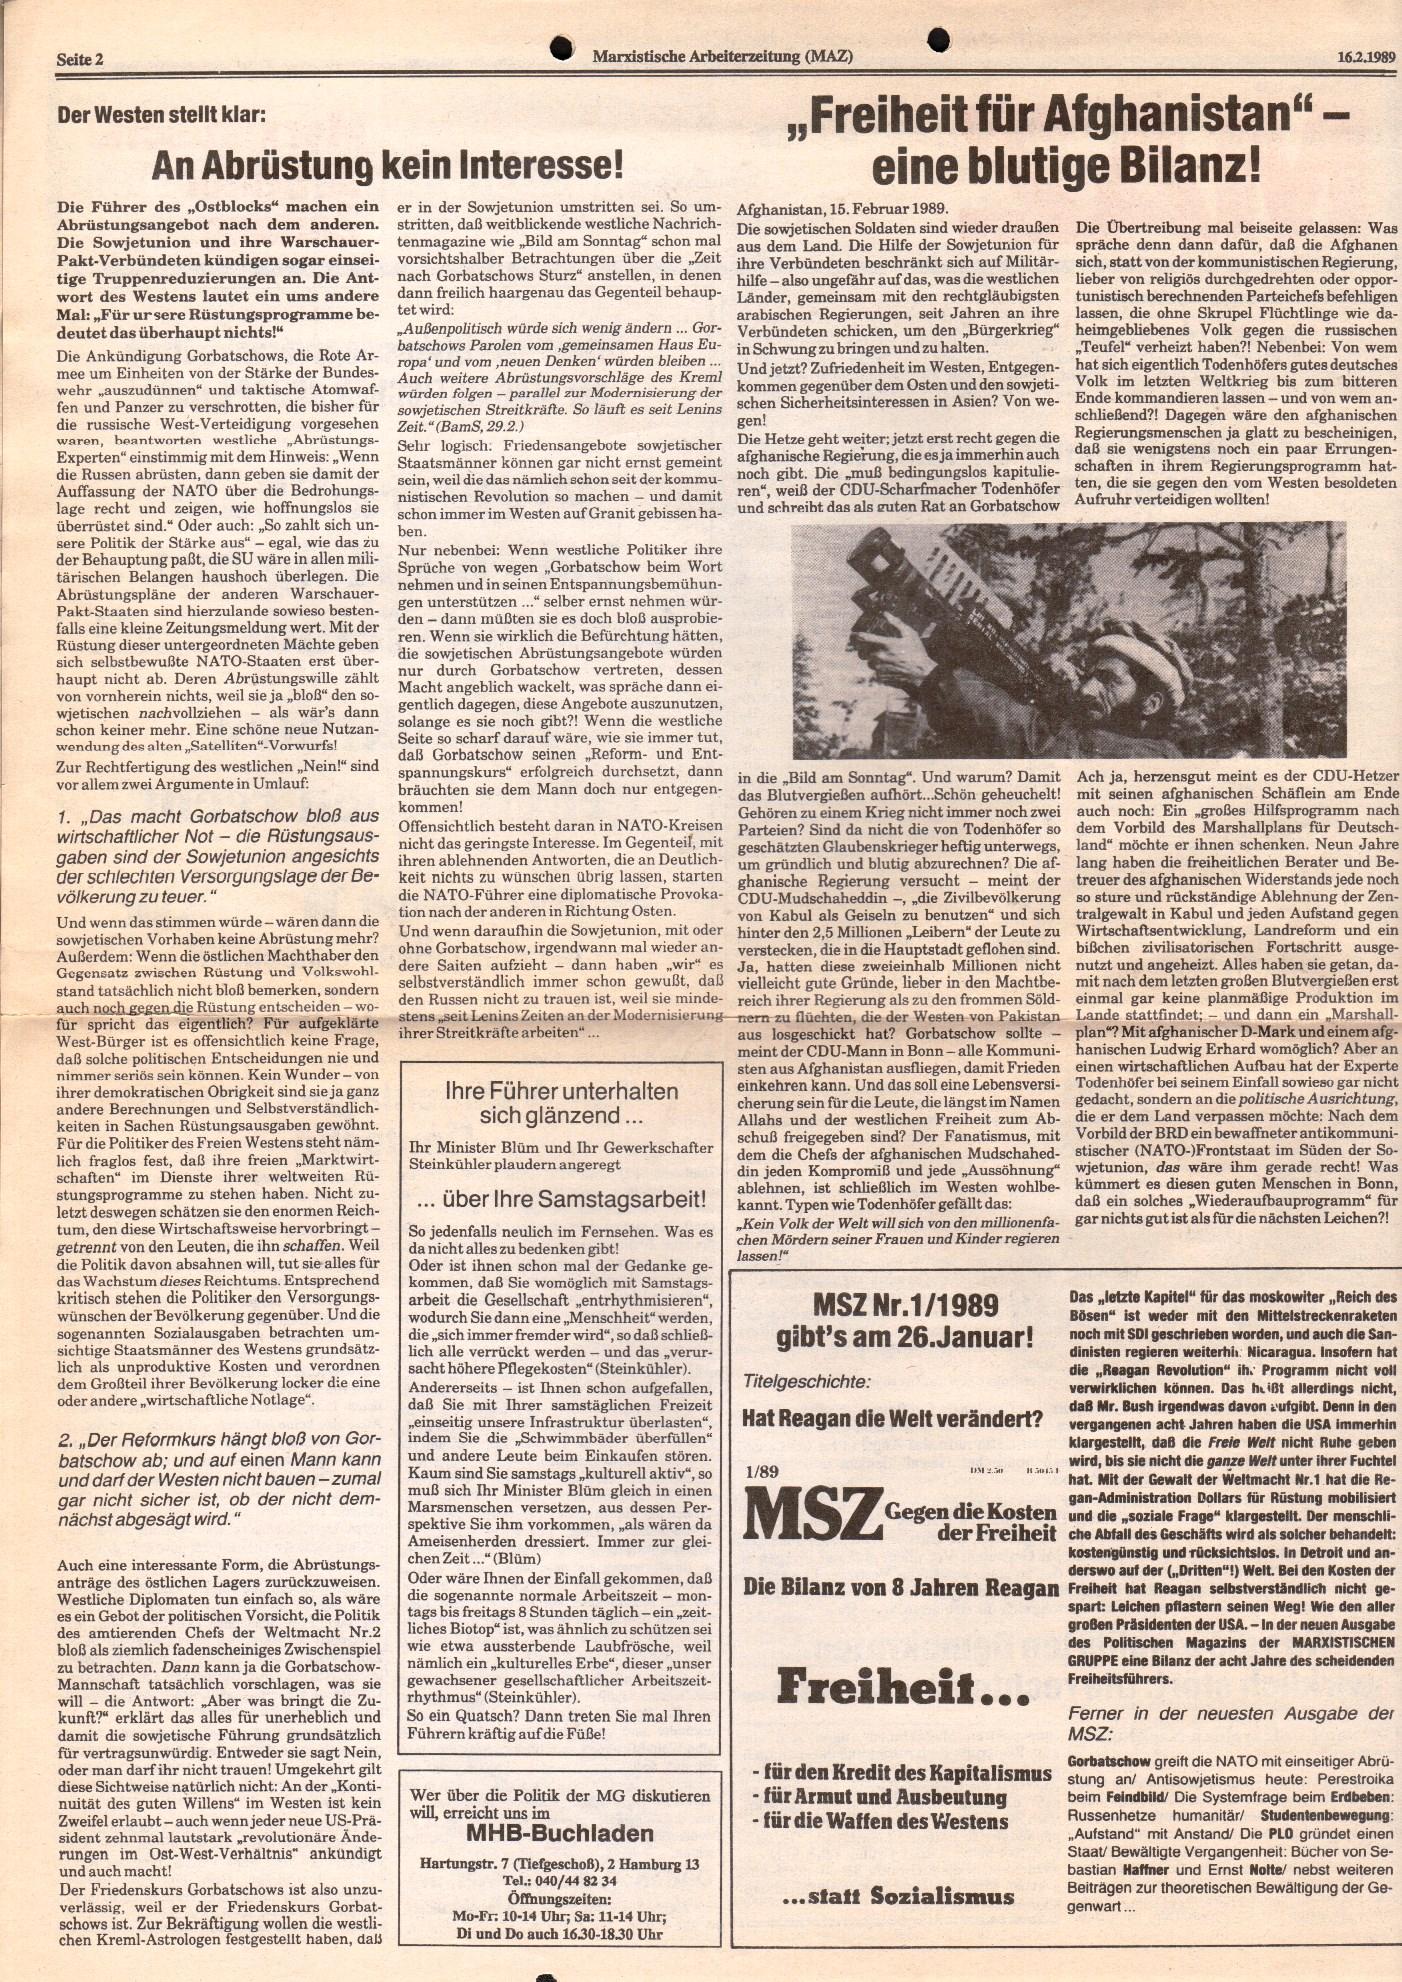 Hamburg_MG_MAZ_19890216_02